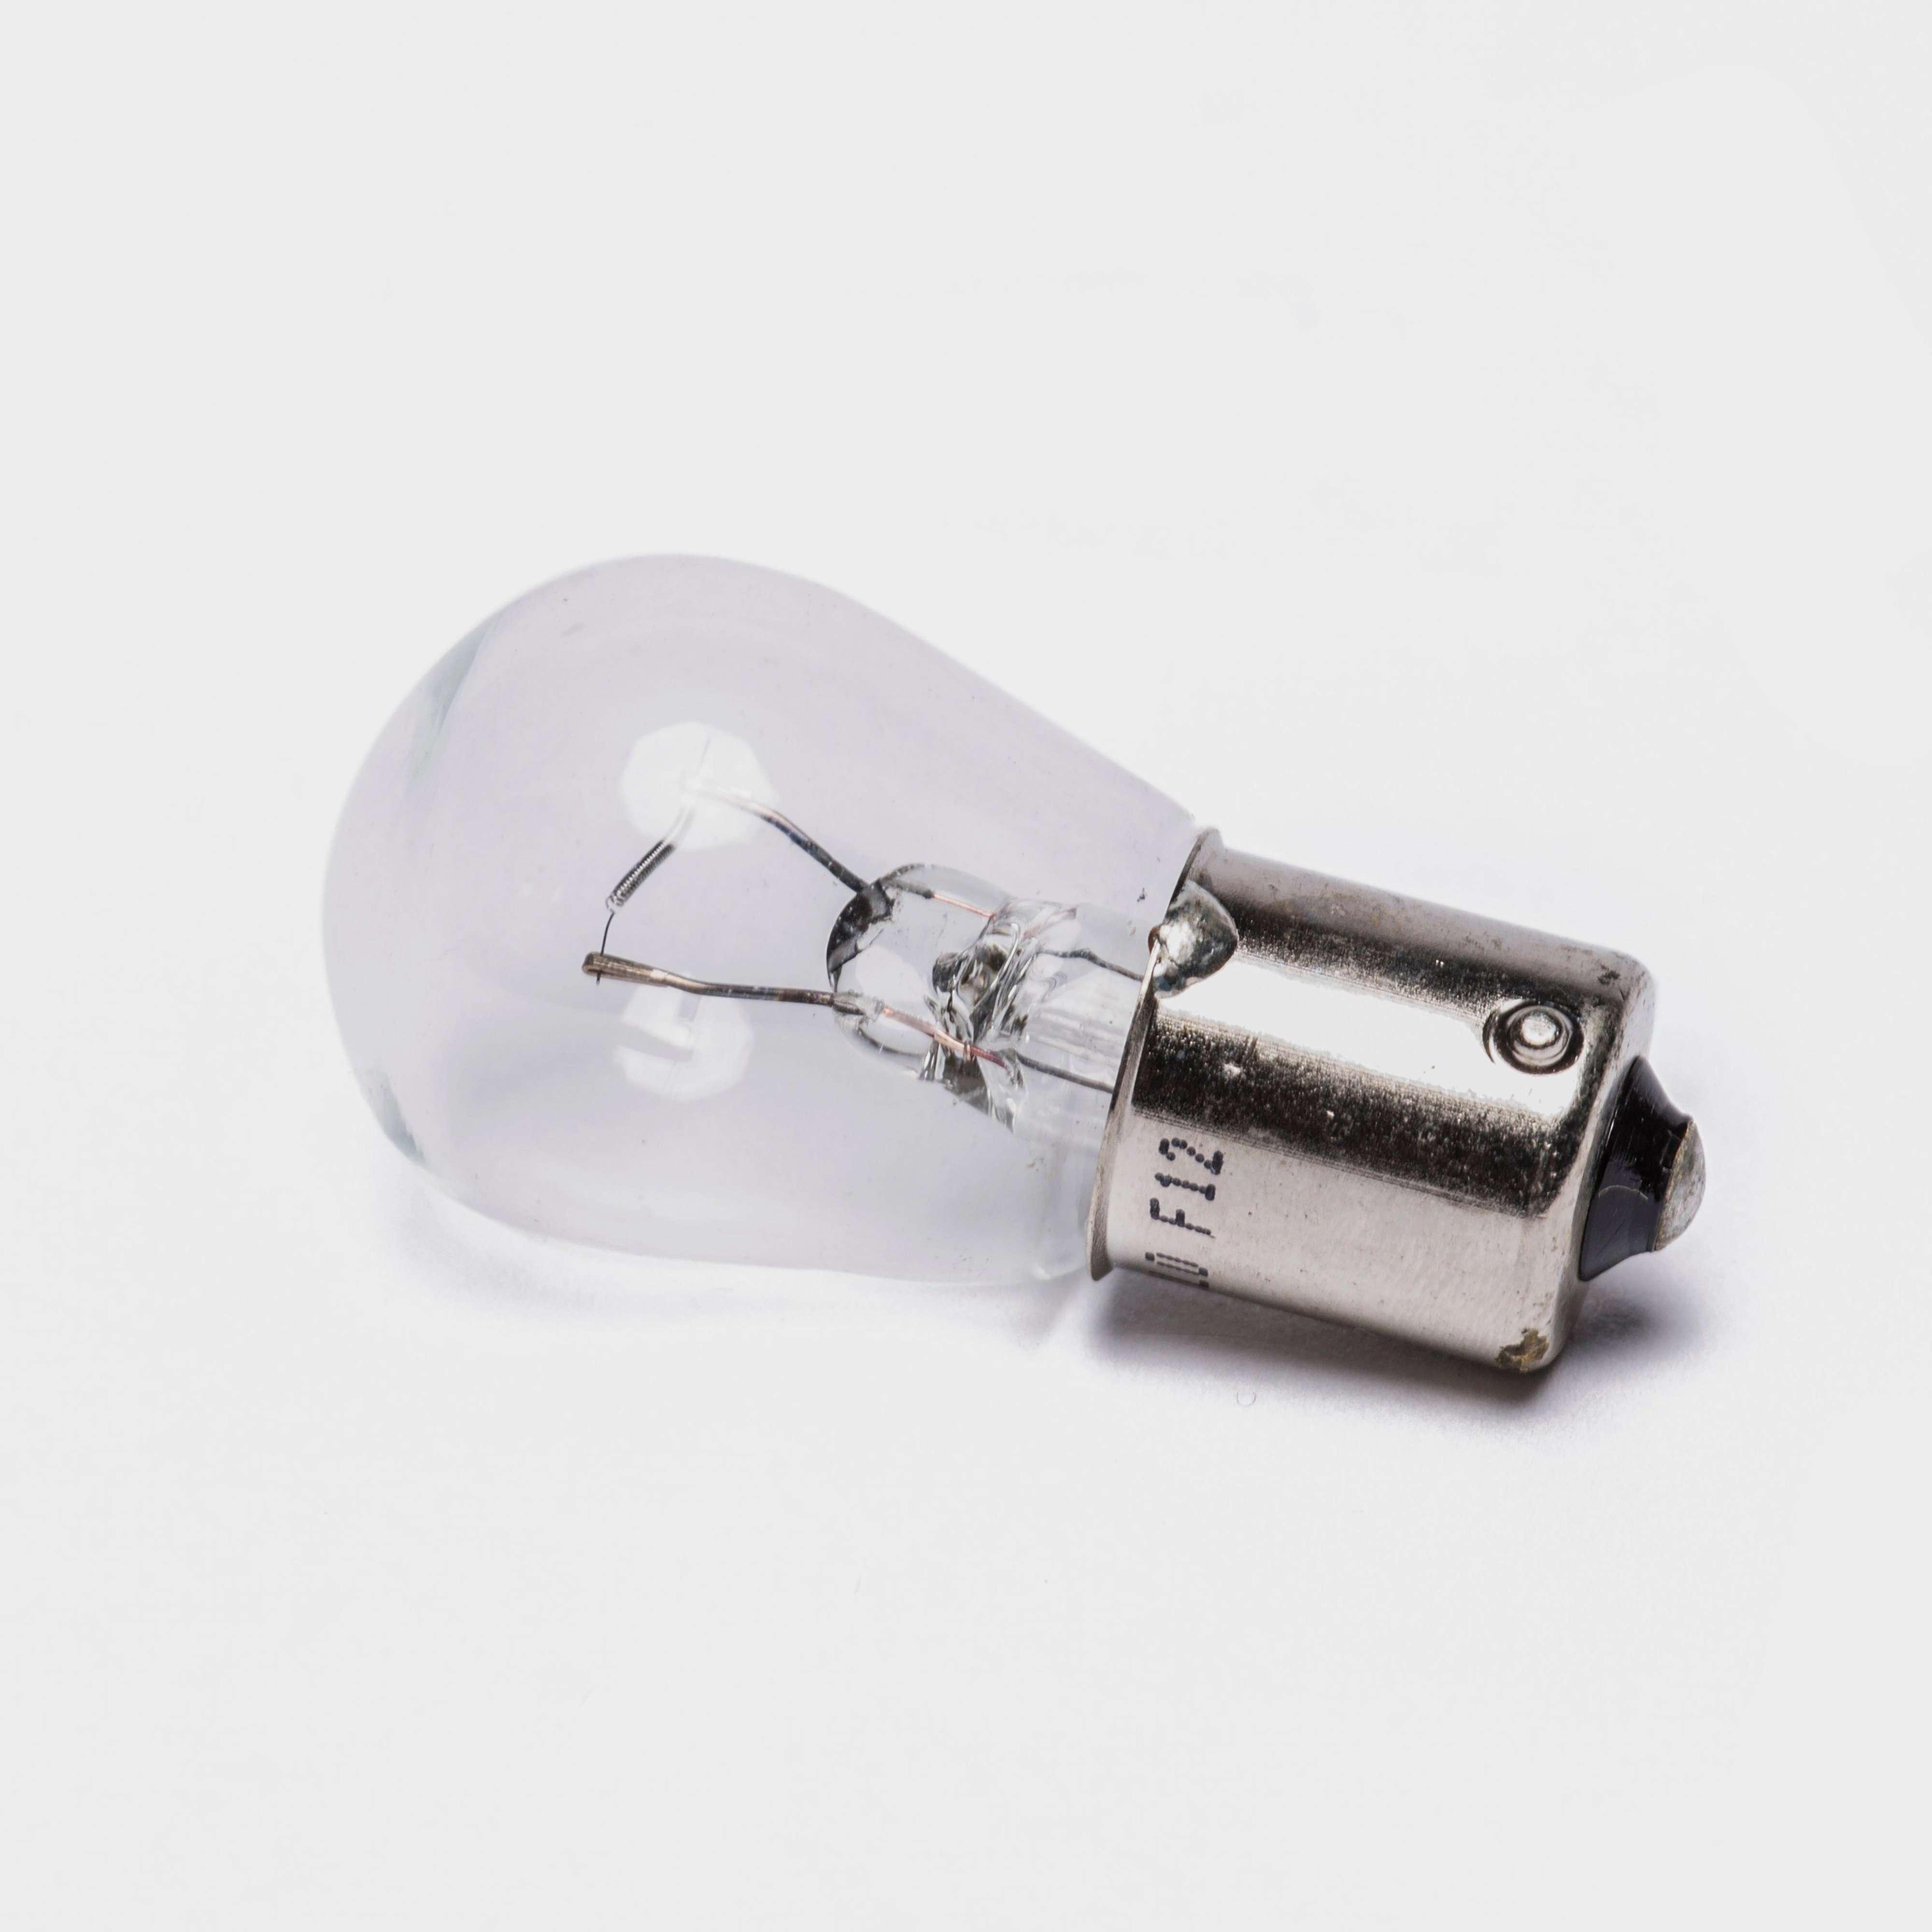 W4 12v 21w Flash Bulb